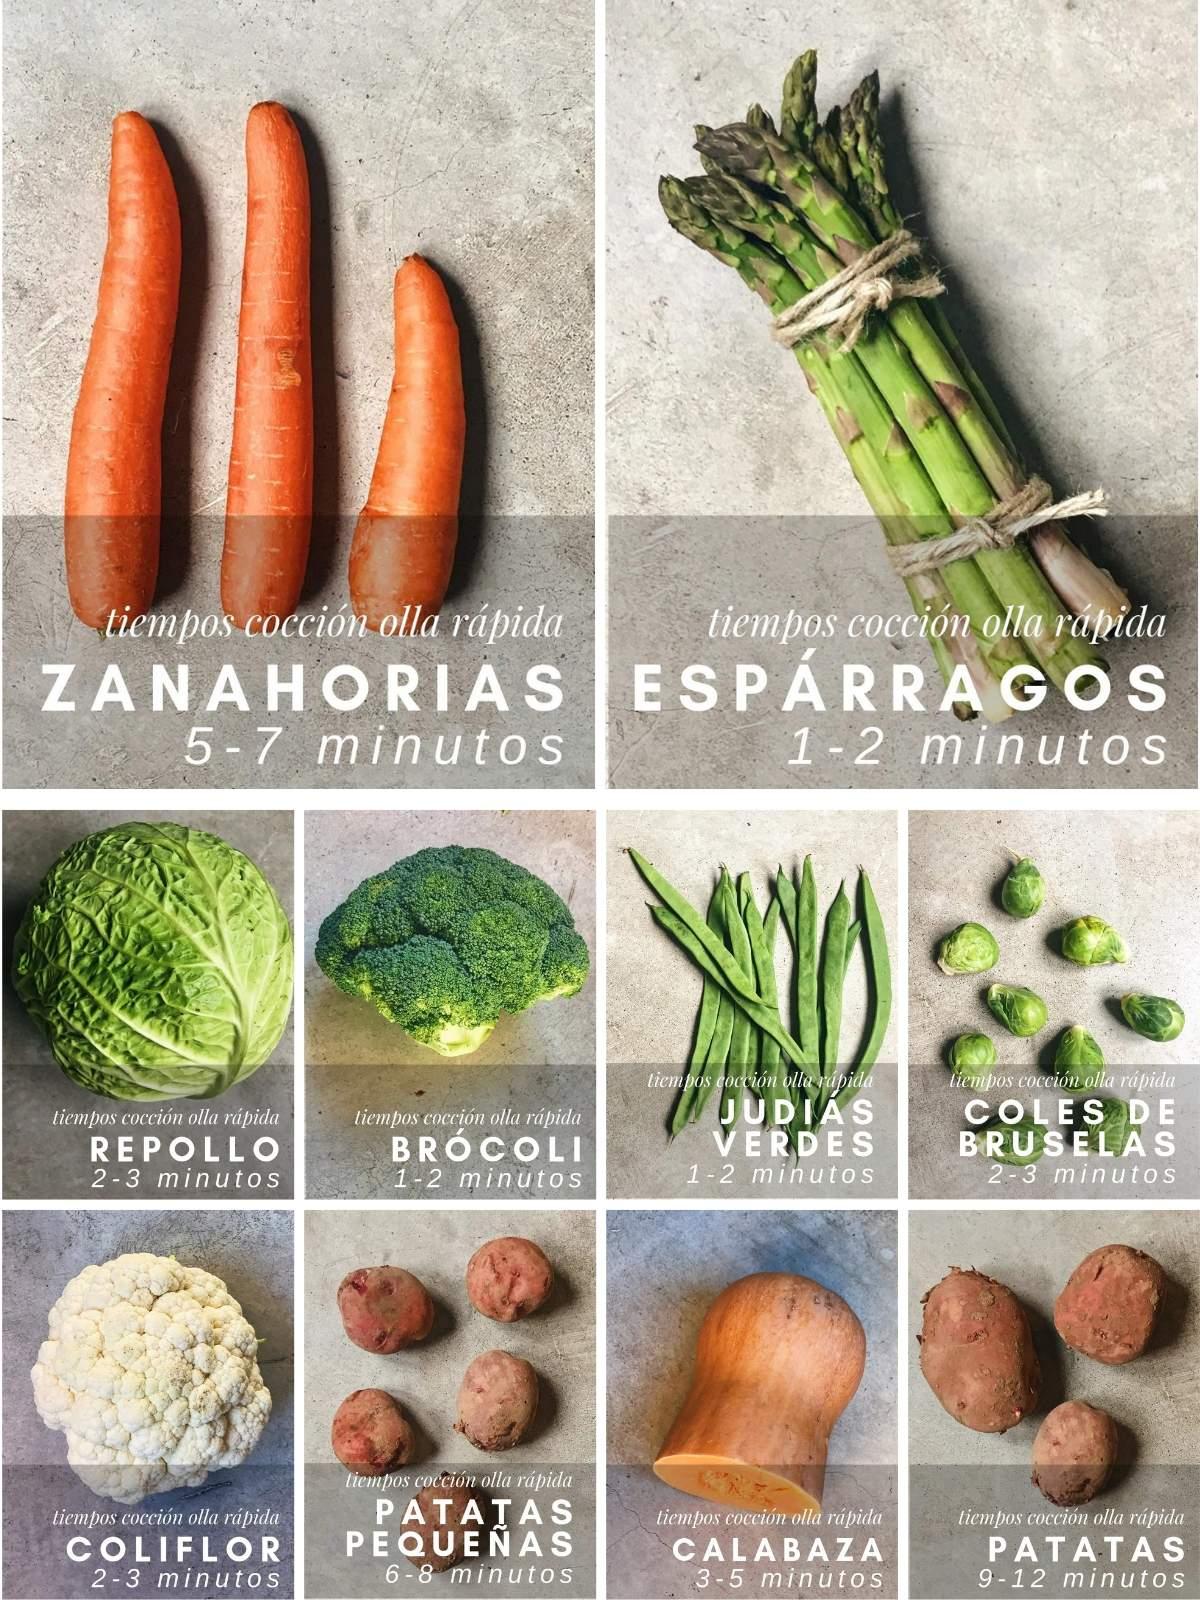 ¿Cuanto tardan las verduras en cocer en olla rápida?